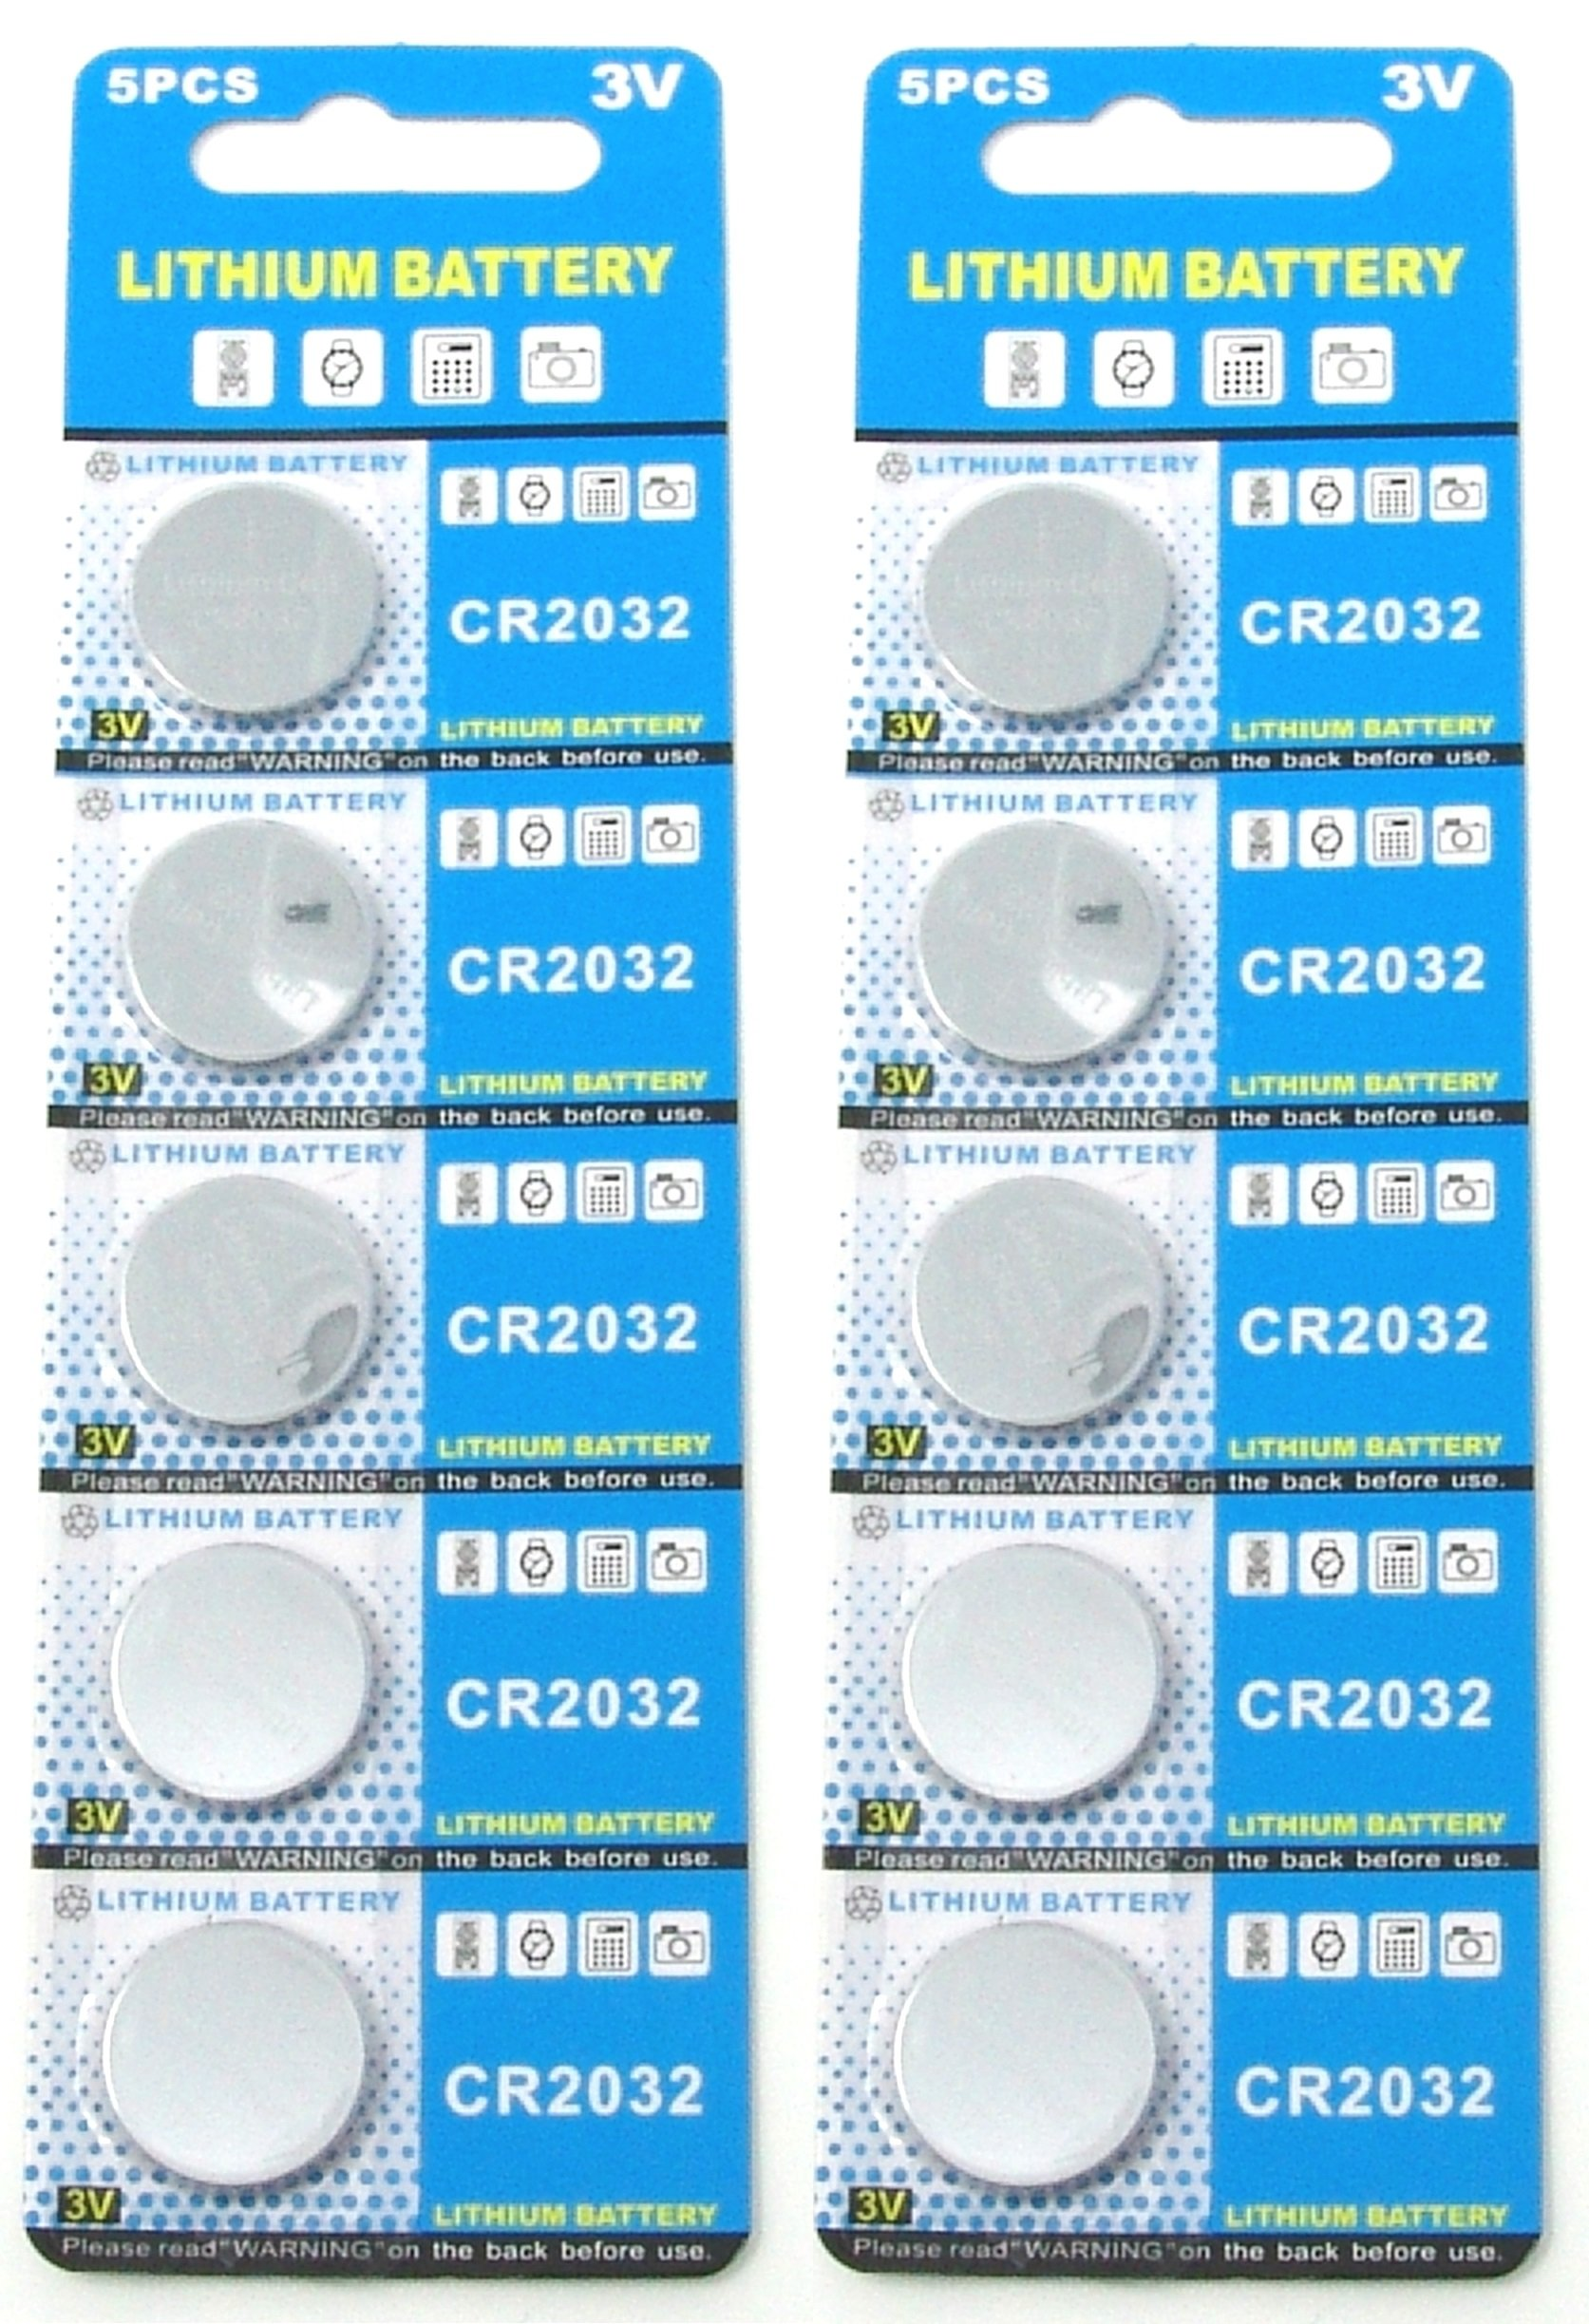 Rayverstar CR2032 3V Lithium Battery 10-Pack (2 x 5-Pack). Fits BR2032, DL2032, SB-T15, EA2032C, ECR2032